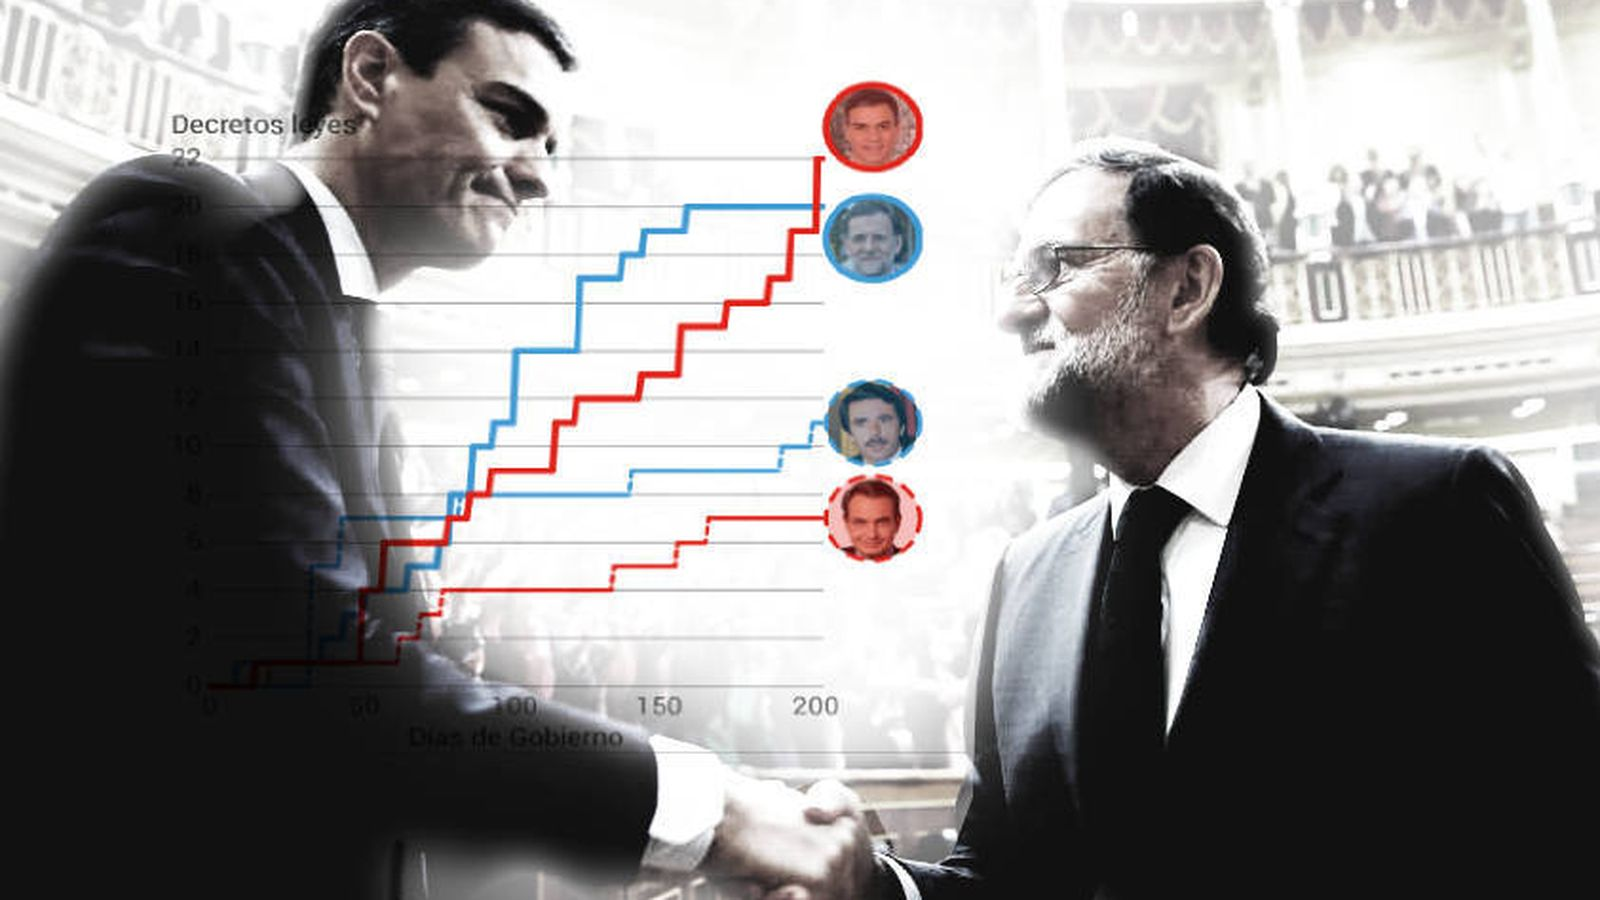 Foto: Sánchez supera a Rajoy en la aprobación de decretos leyes en apenas seis meses.